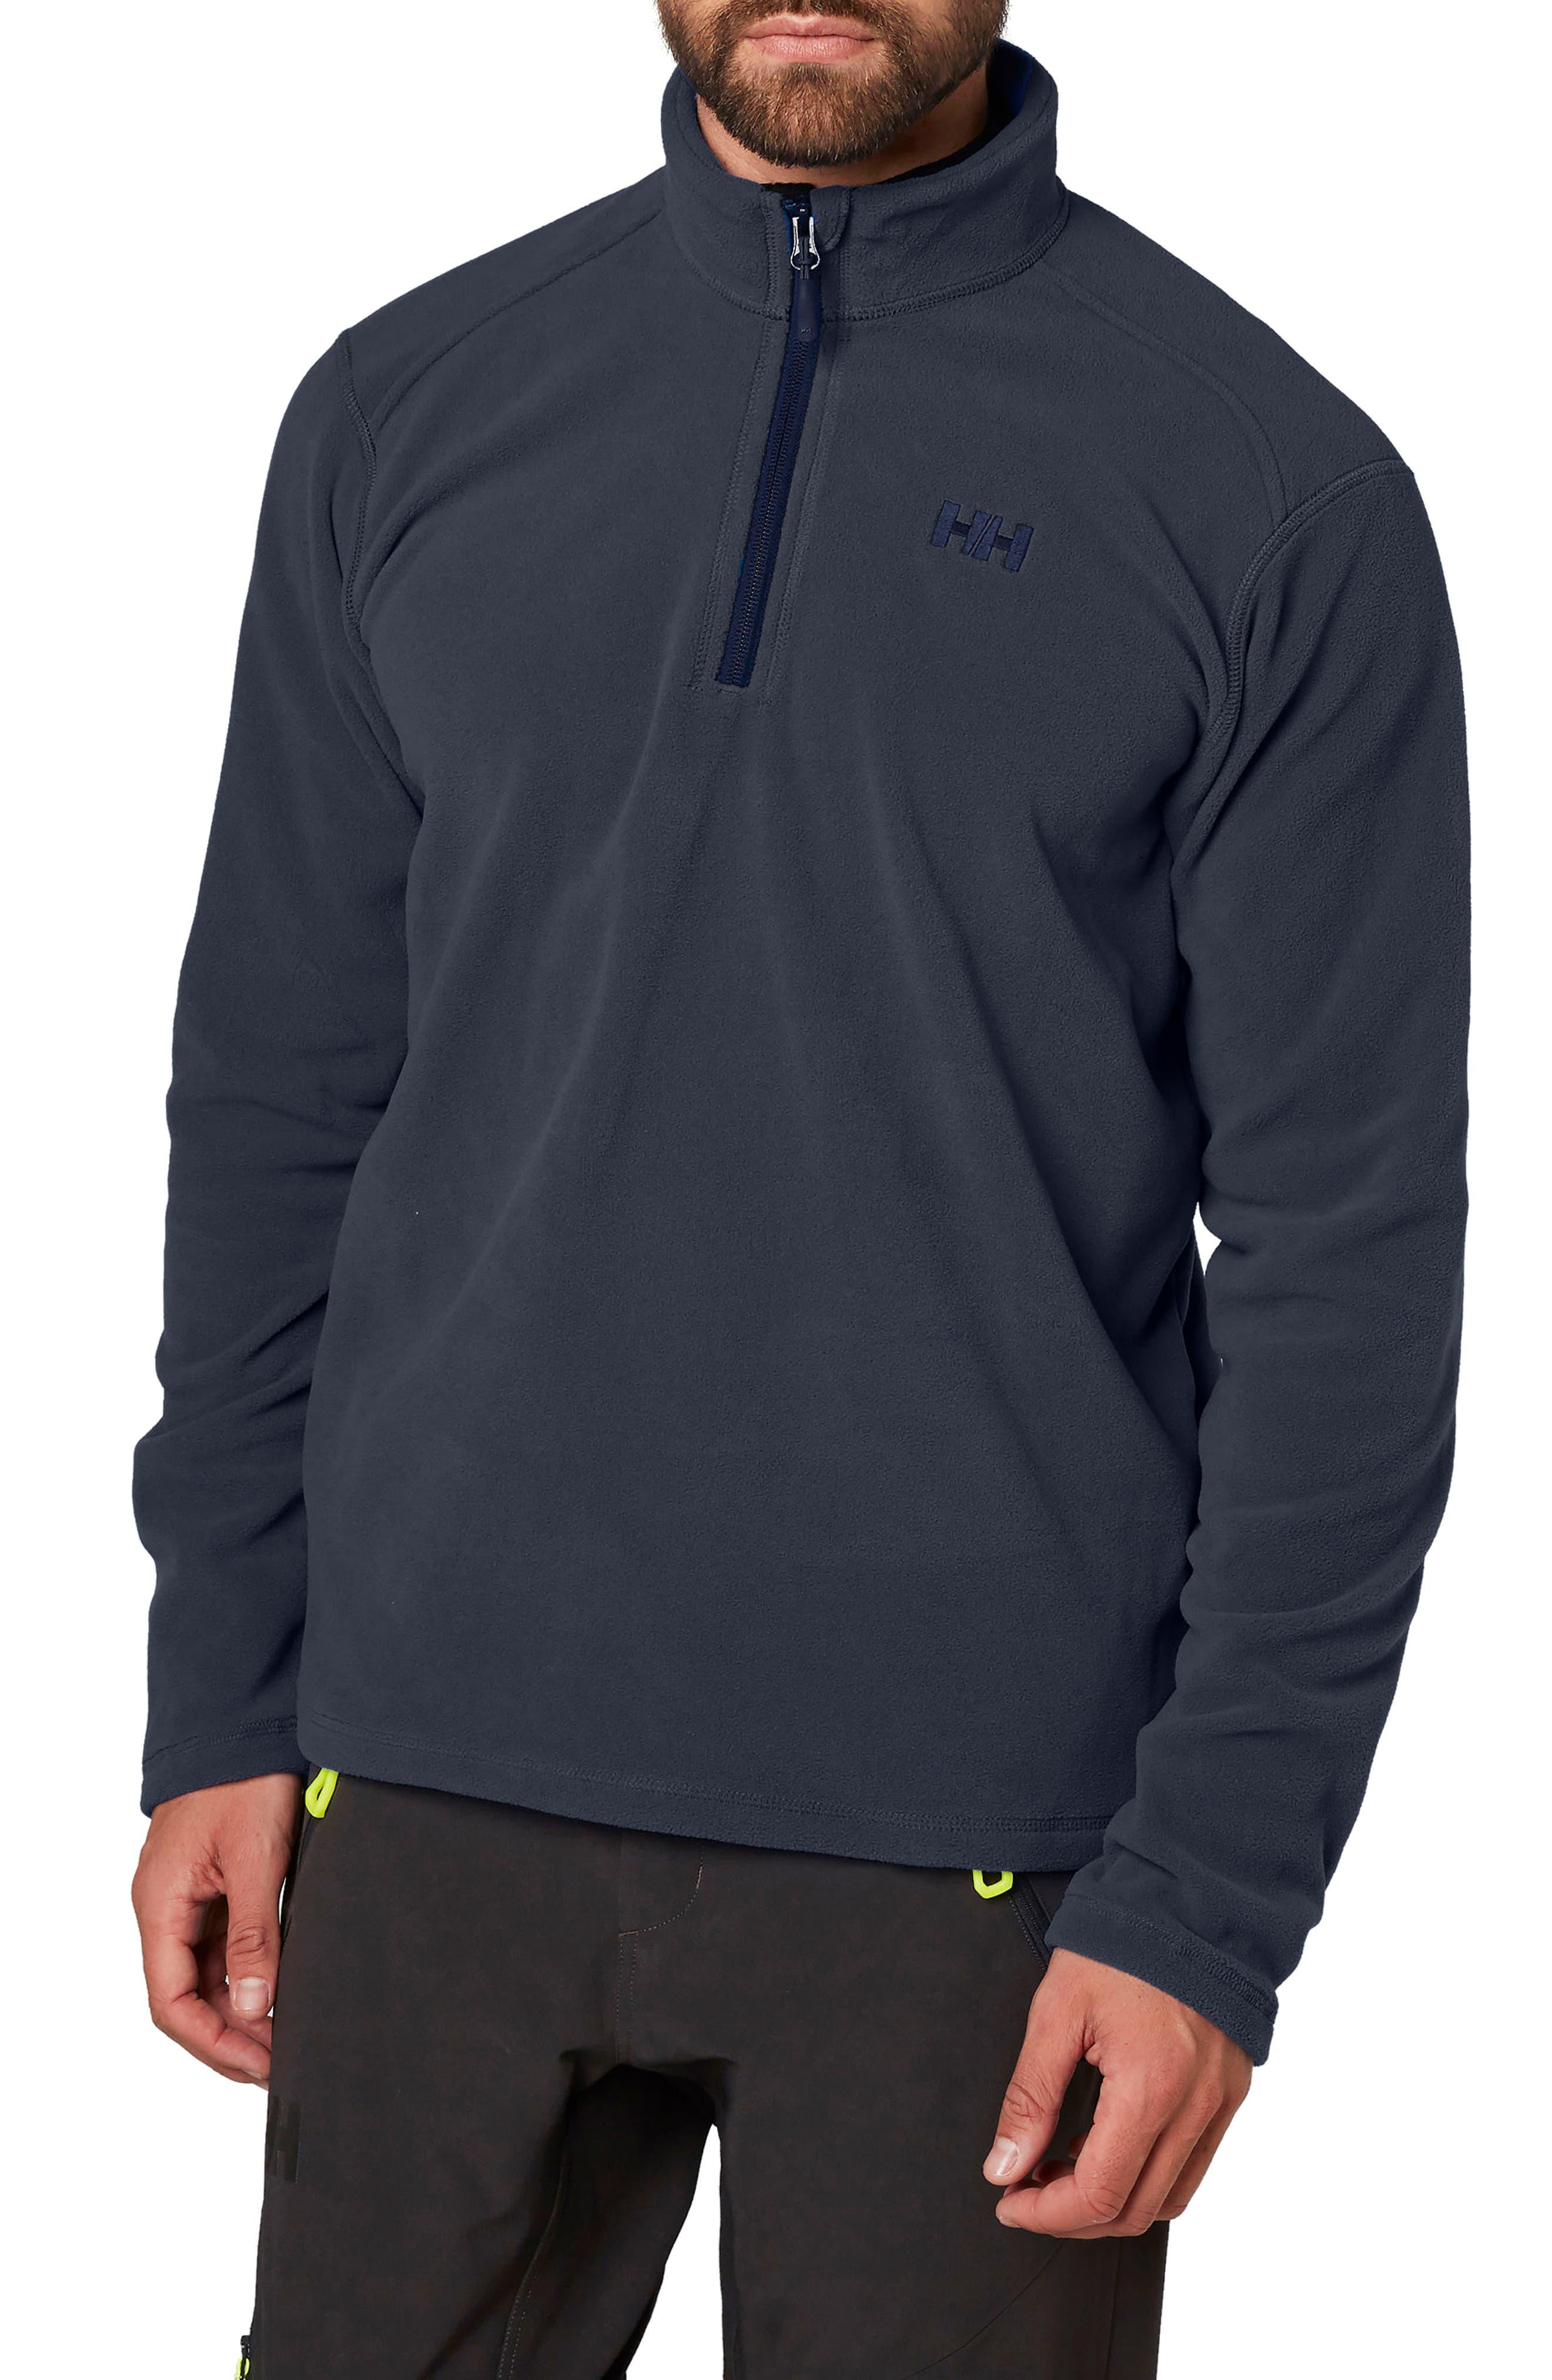 HellyHansen 'Daybreaker' Half Zip Fleece Jacket,                         Main,                         color, 400